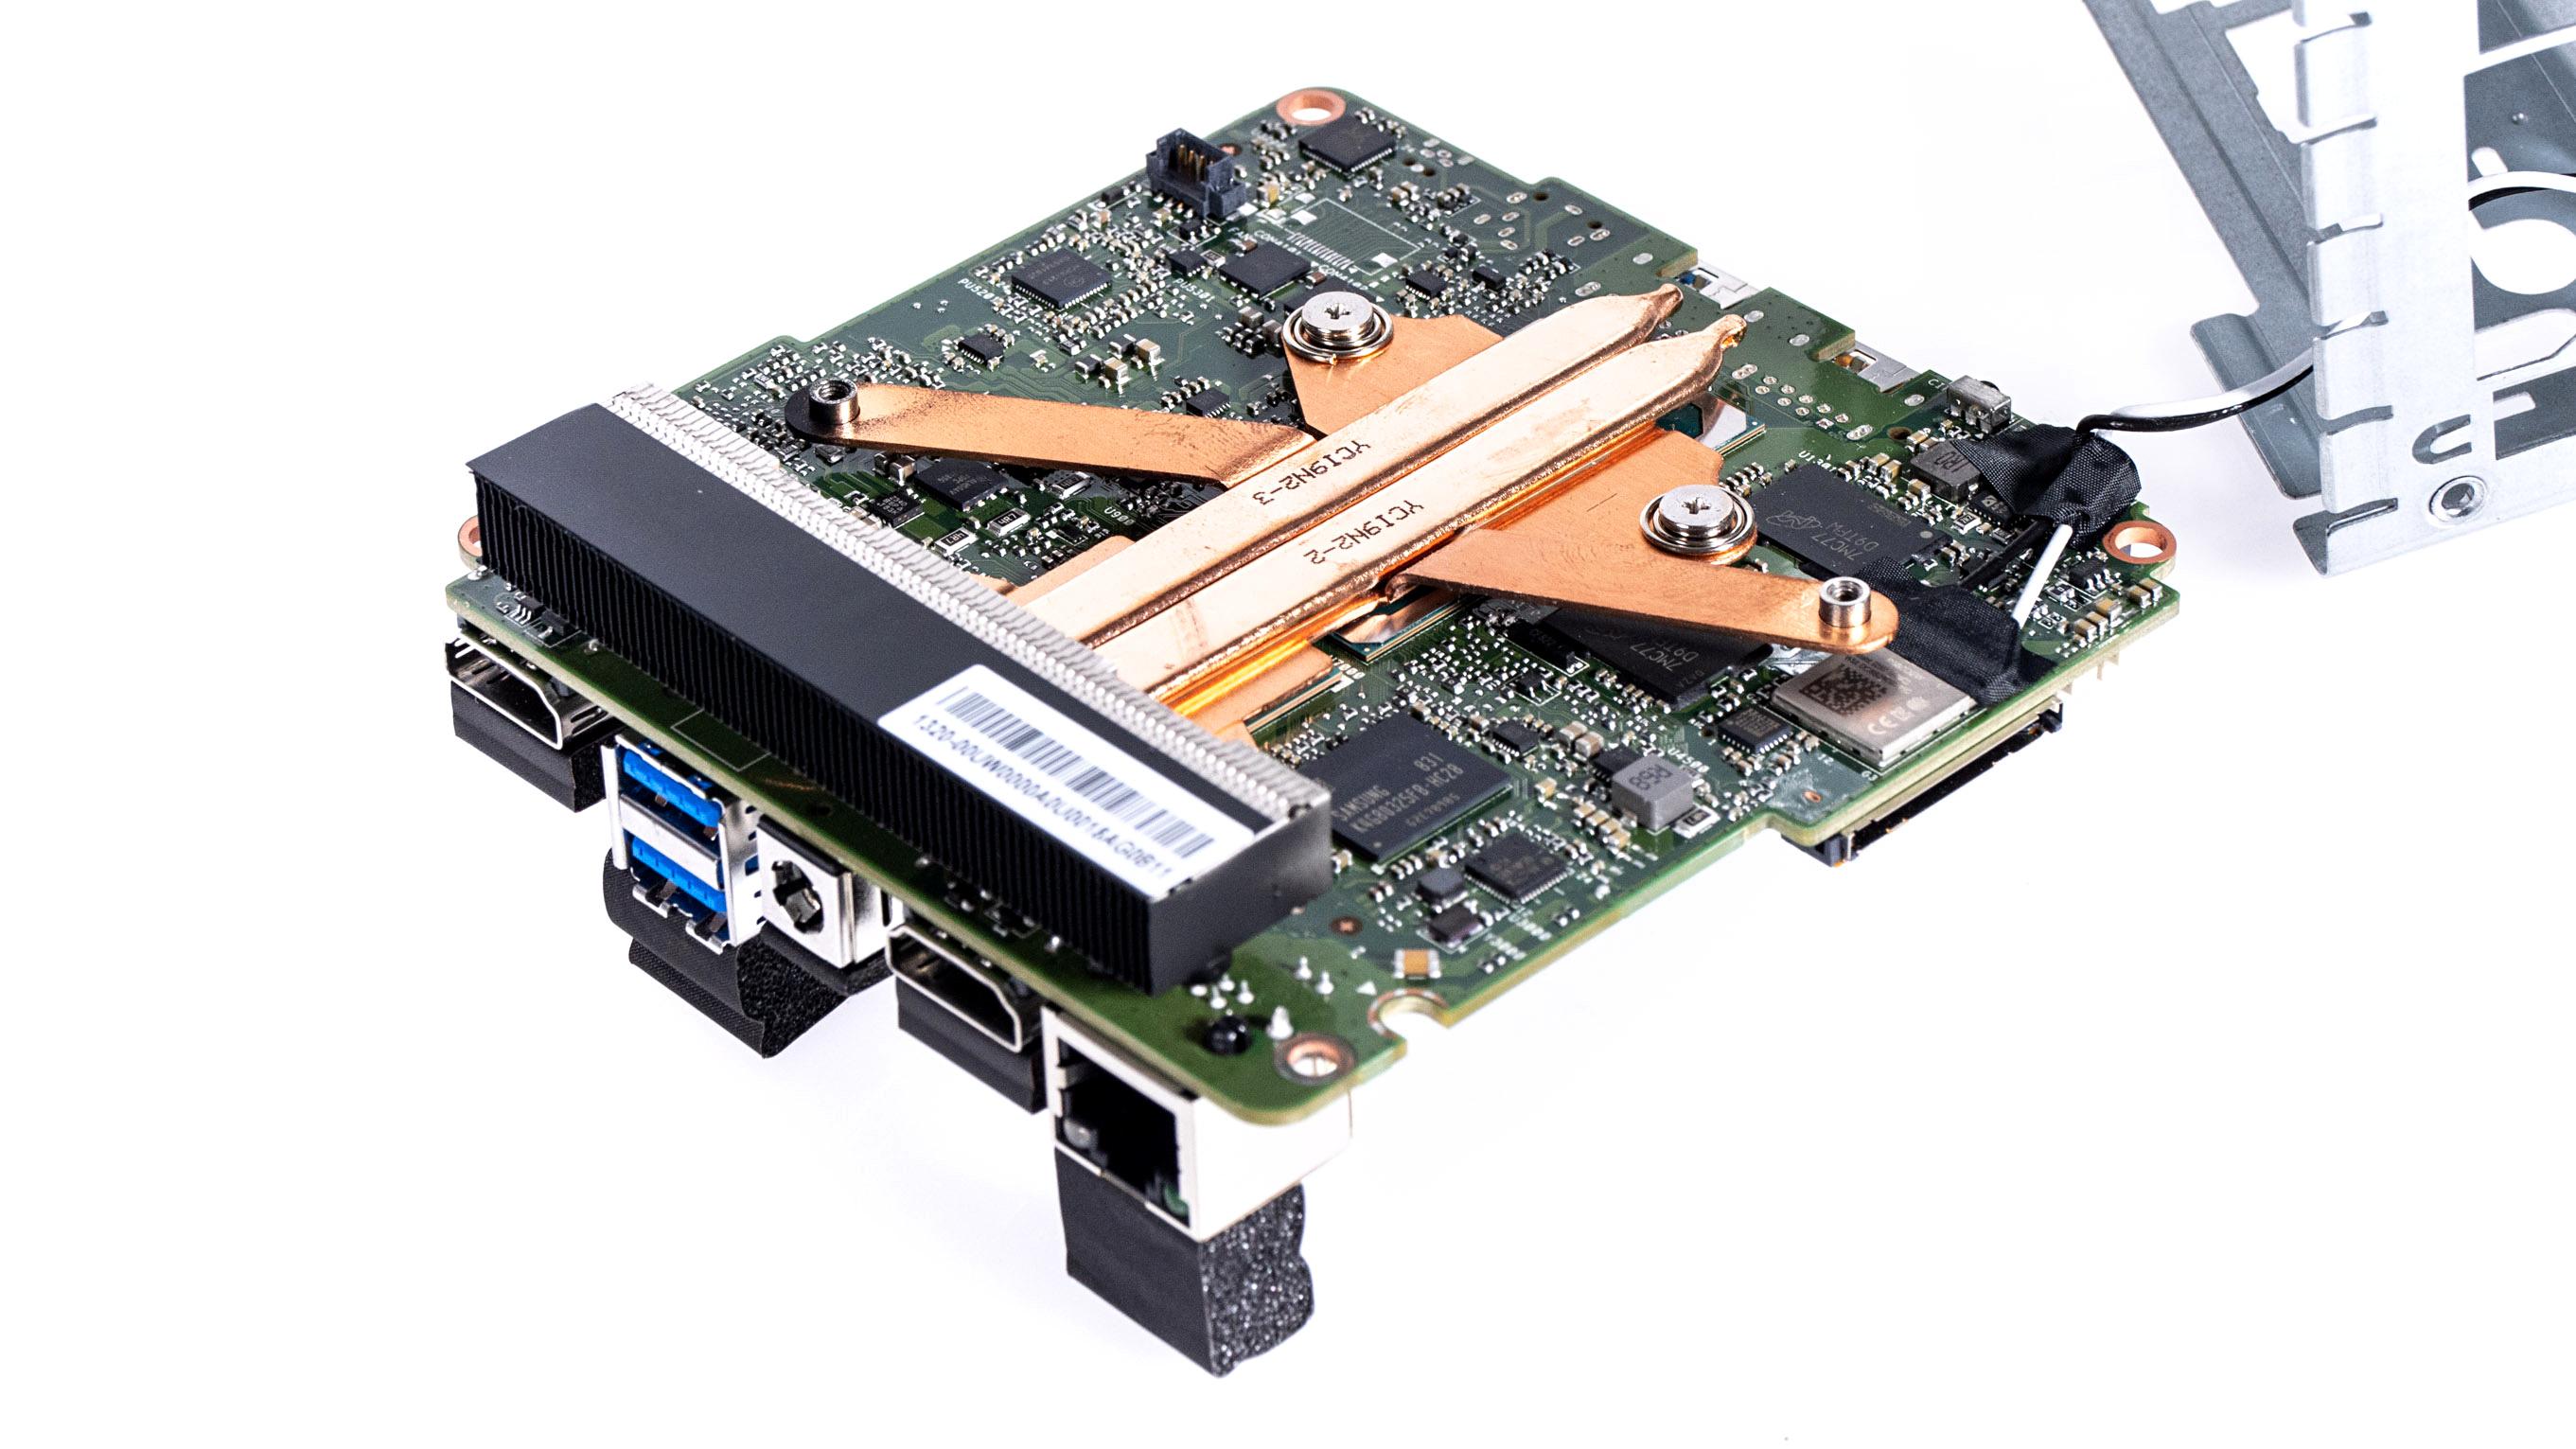 NUC8 (Crimson Canyon) im Test: AMD rettet Intels 10-nm-Minirechner - CPU und GPU befinden sich unter den beiden Heatpipes. (Bild: Marc Sauter/Golem.de)